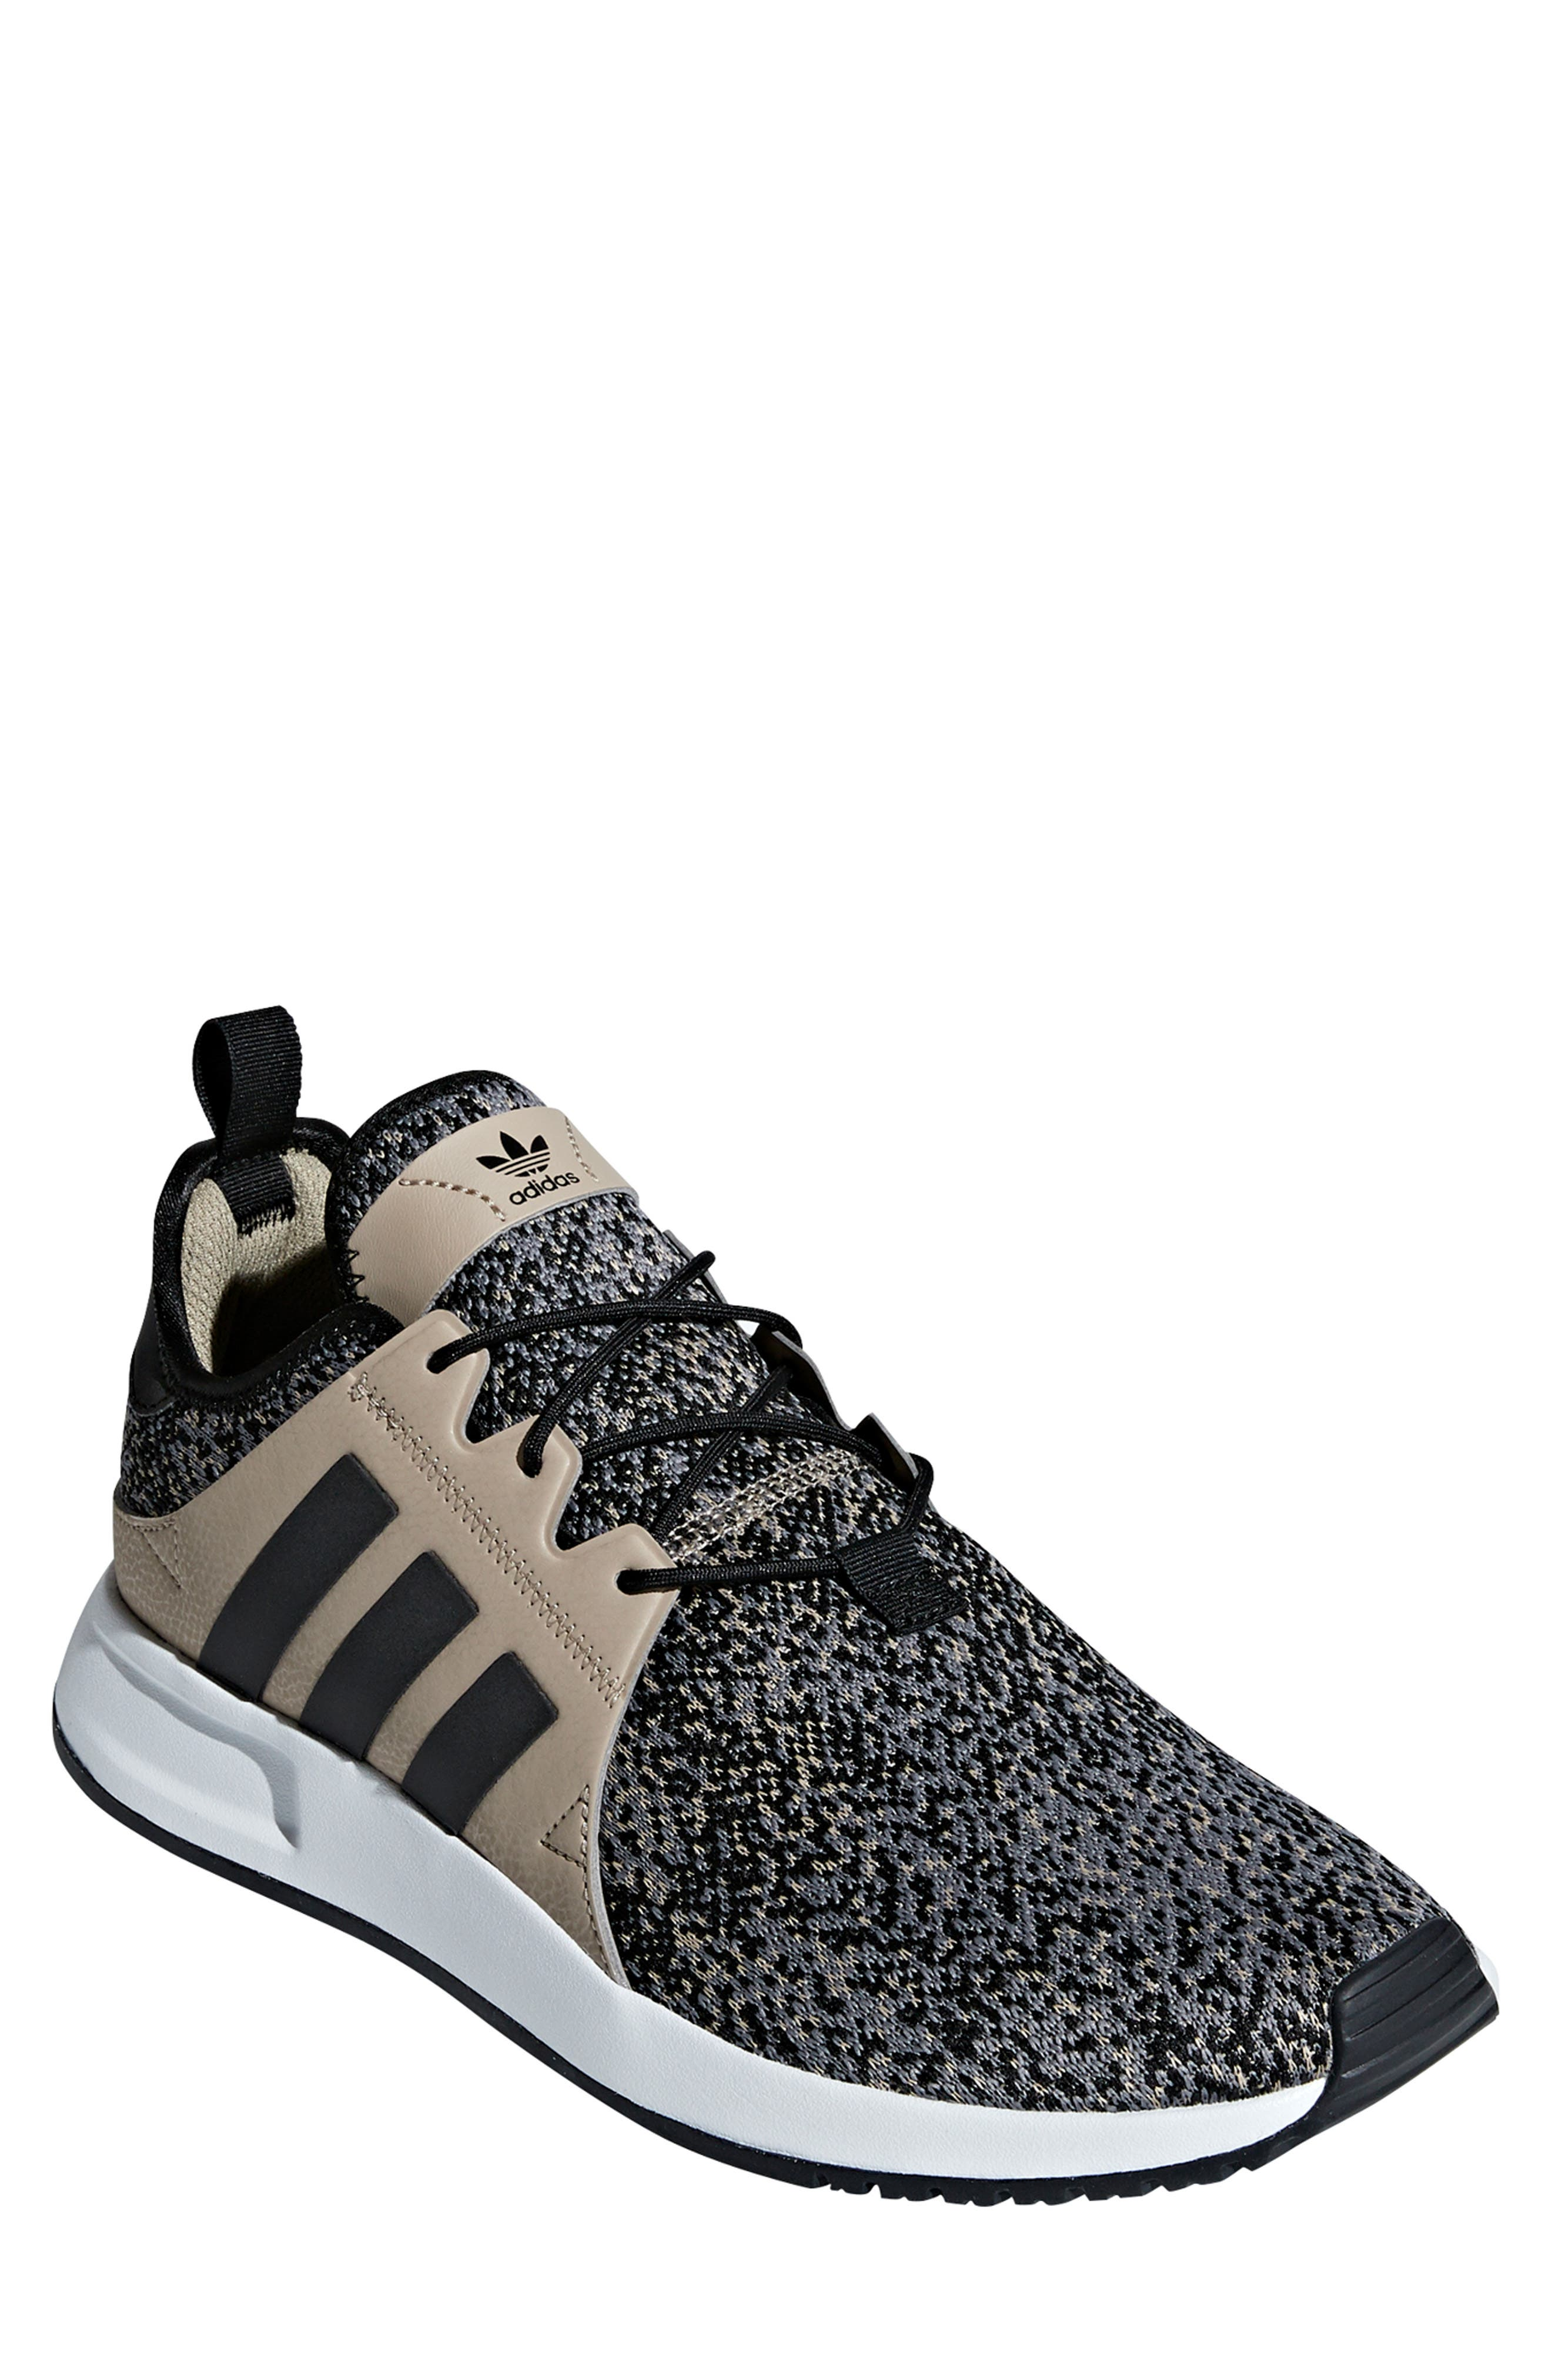 X_PLR Sneaker,                         Main,                         color, KHAKI / CORE BLACK / WHITE